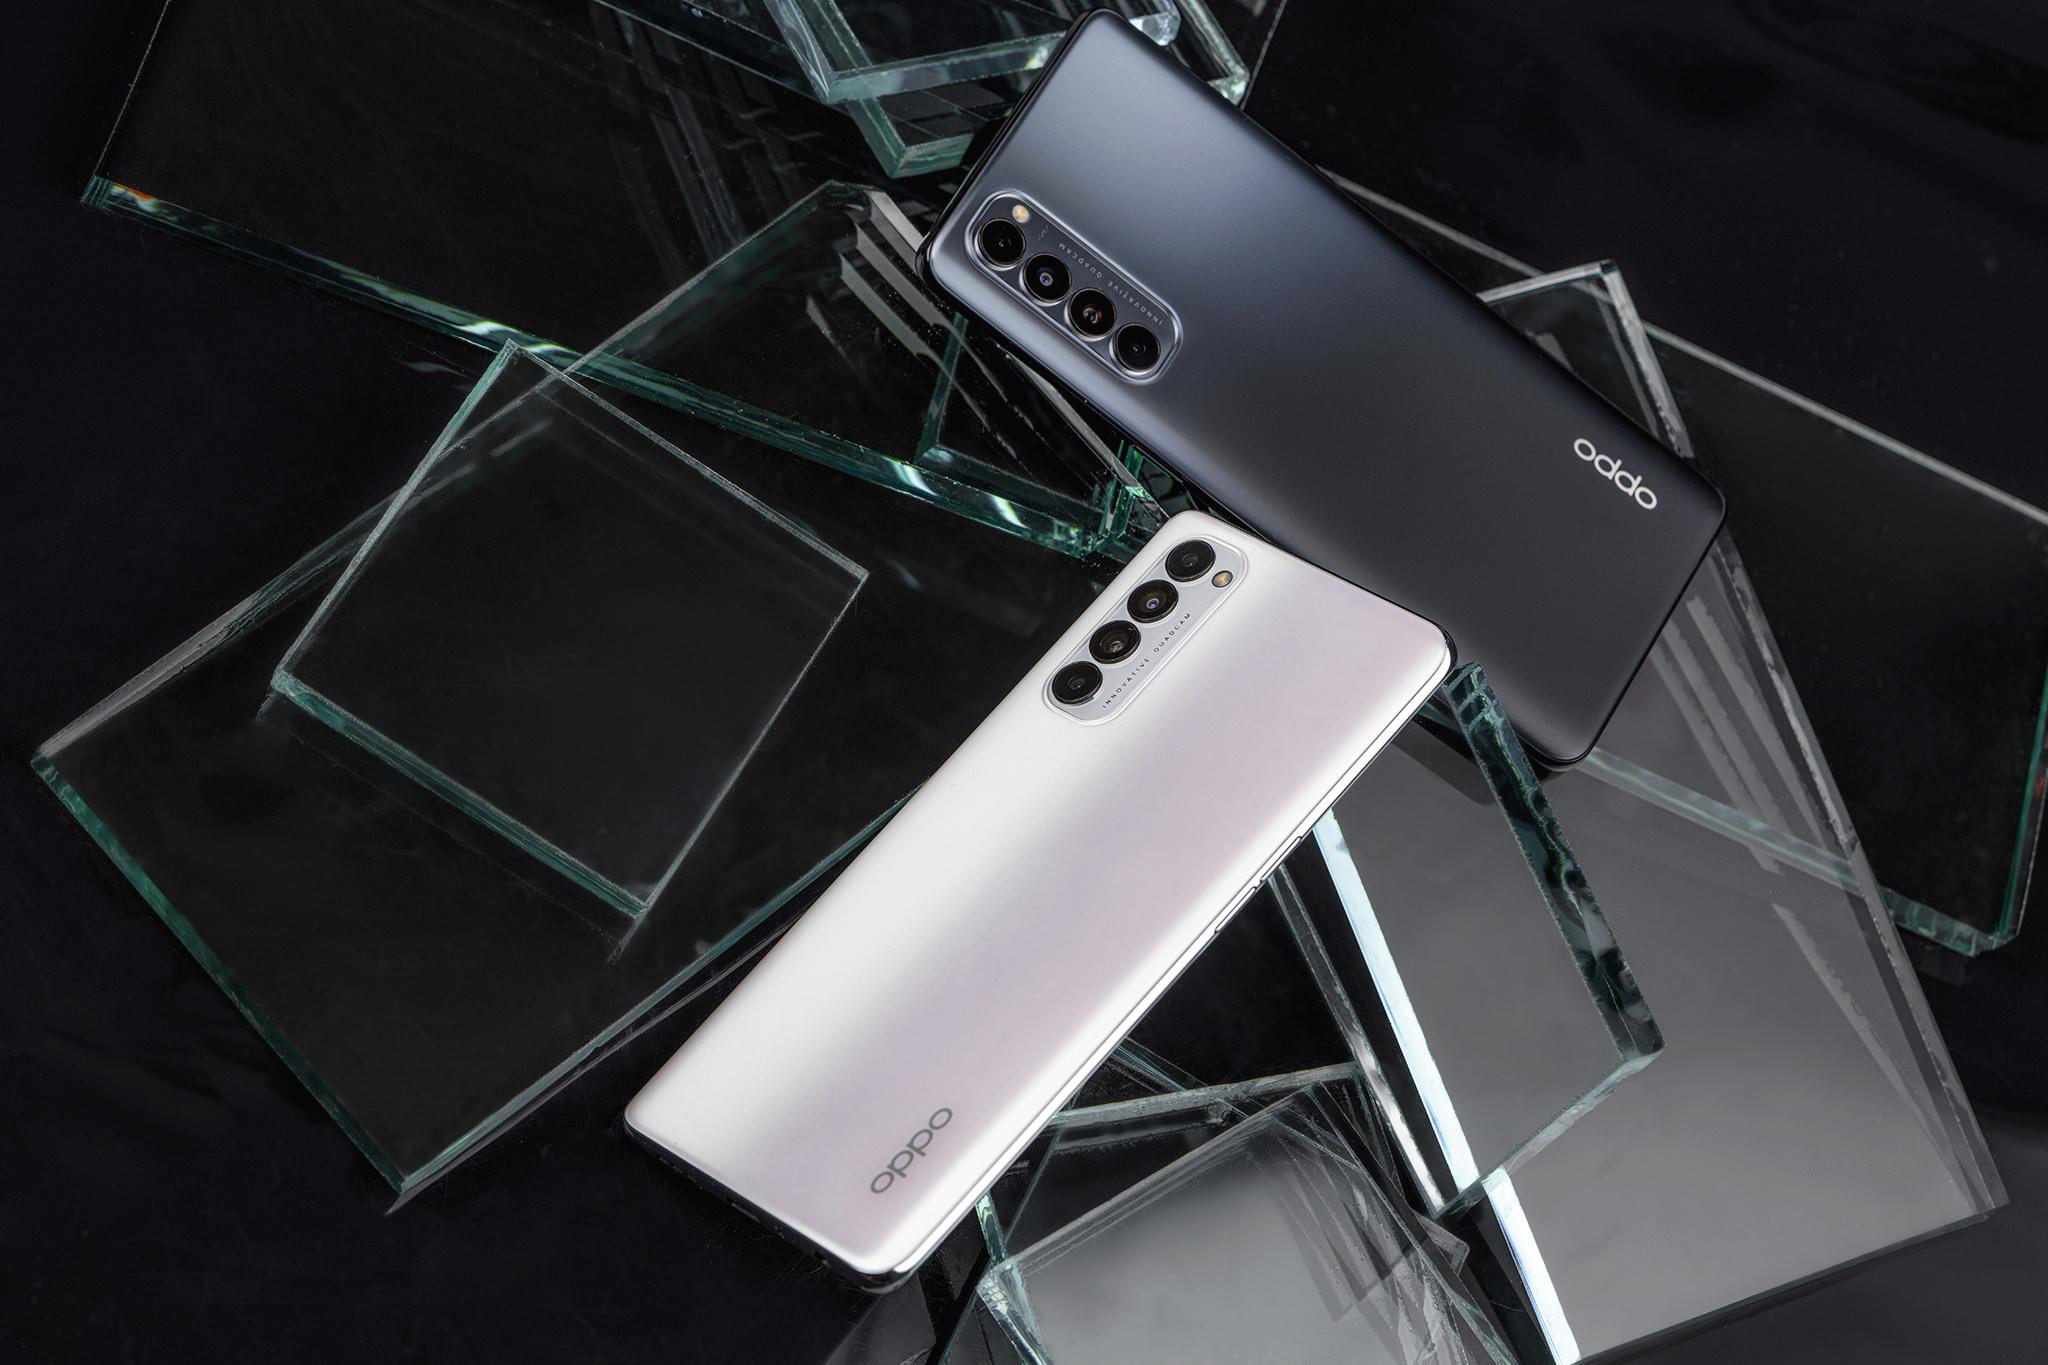 Ngắm Oppo Reno 4 Pro chất từng đường nét, ấn tượng với 4 camera siêu nhạy kèm sạc nhanh siêu tốc - Ảnh 9.